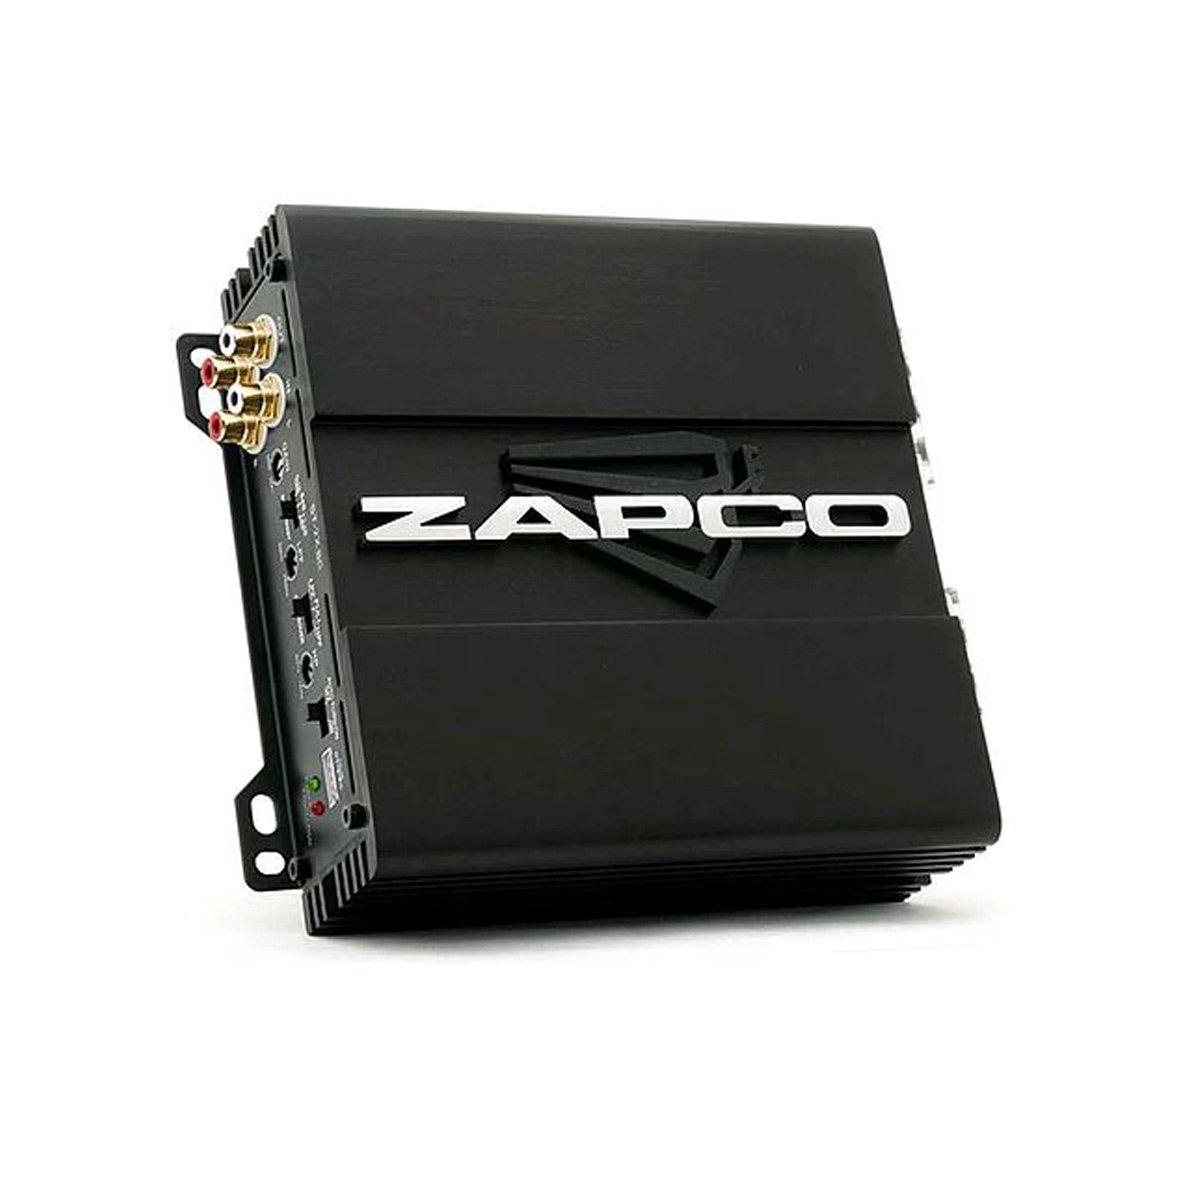 Zapco ST-2X SQ Class A/B 2-Channel Sound Quality Amplifier by Zapco